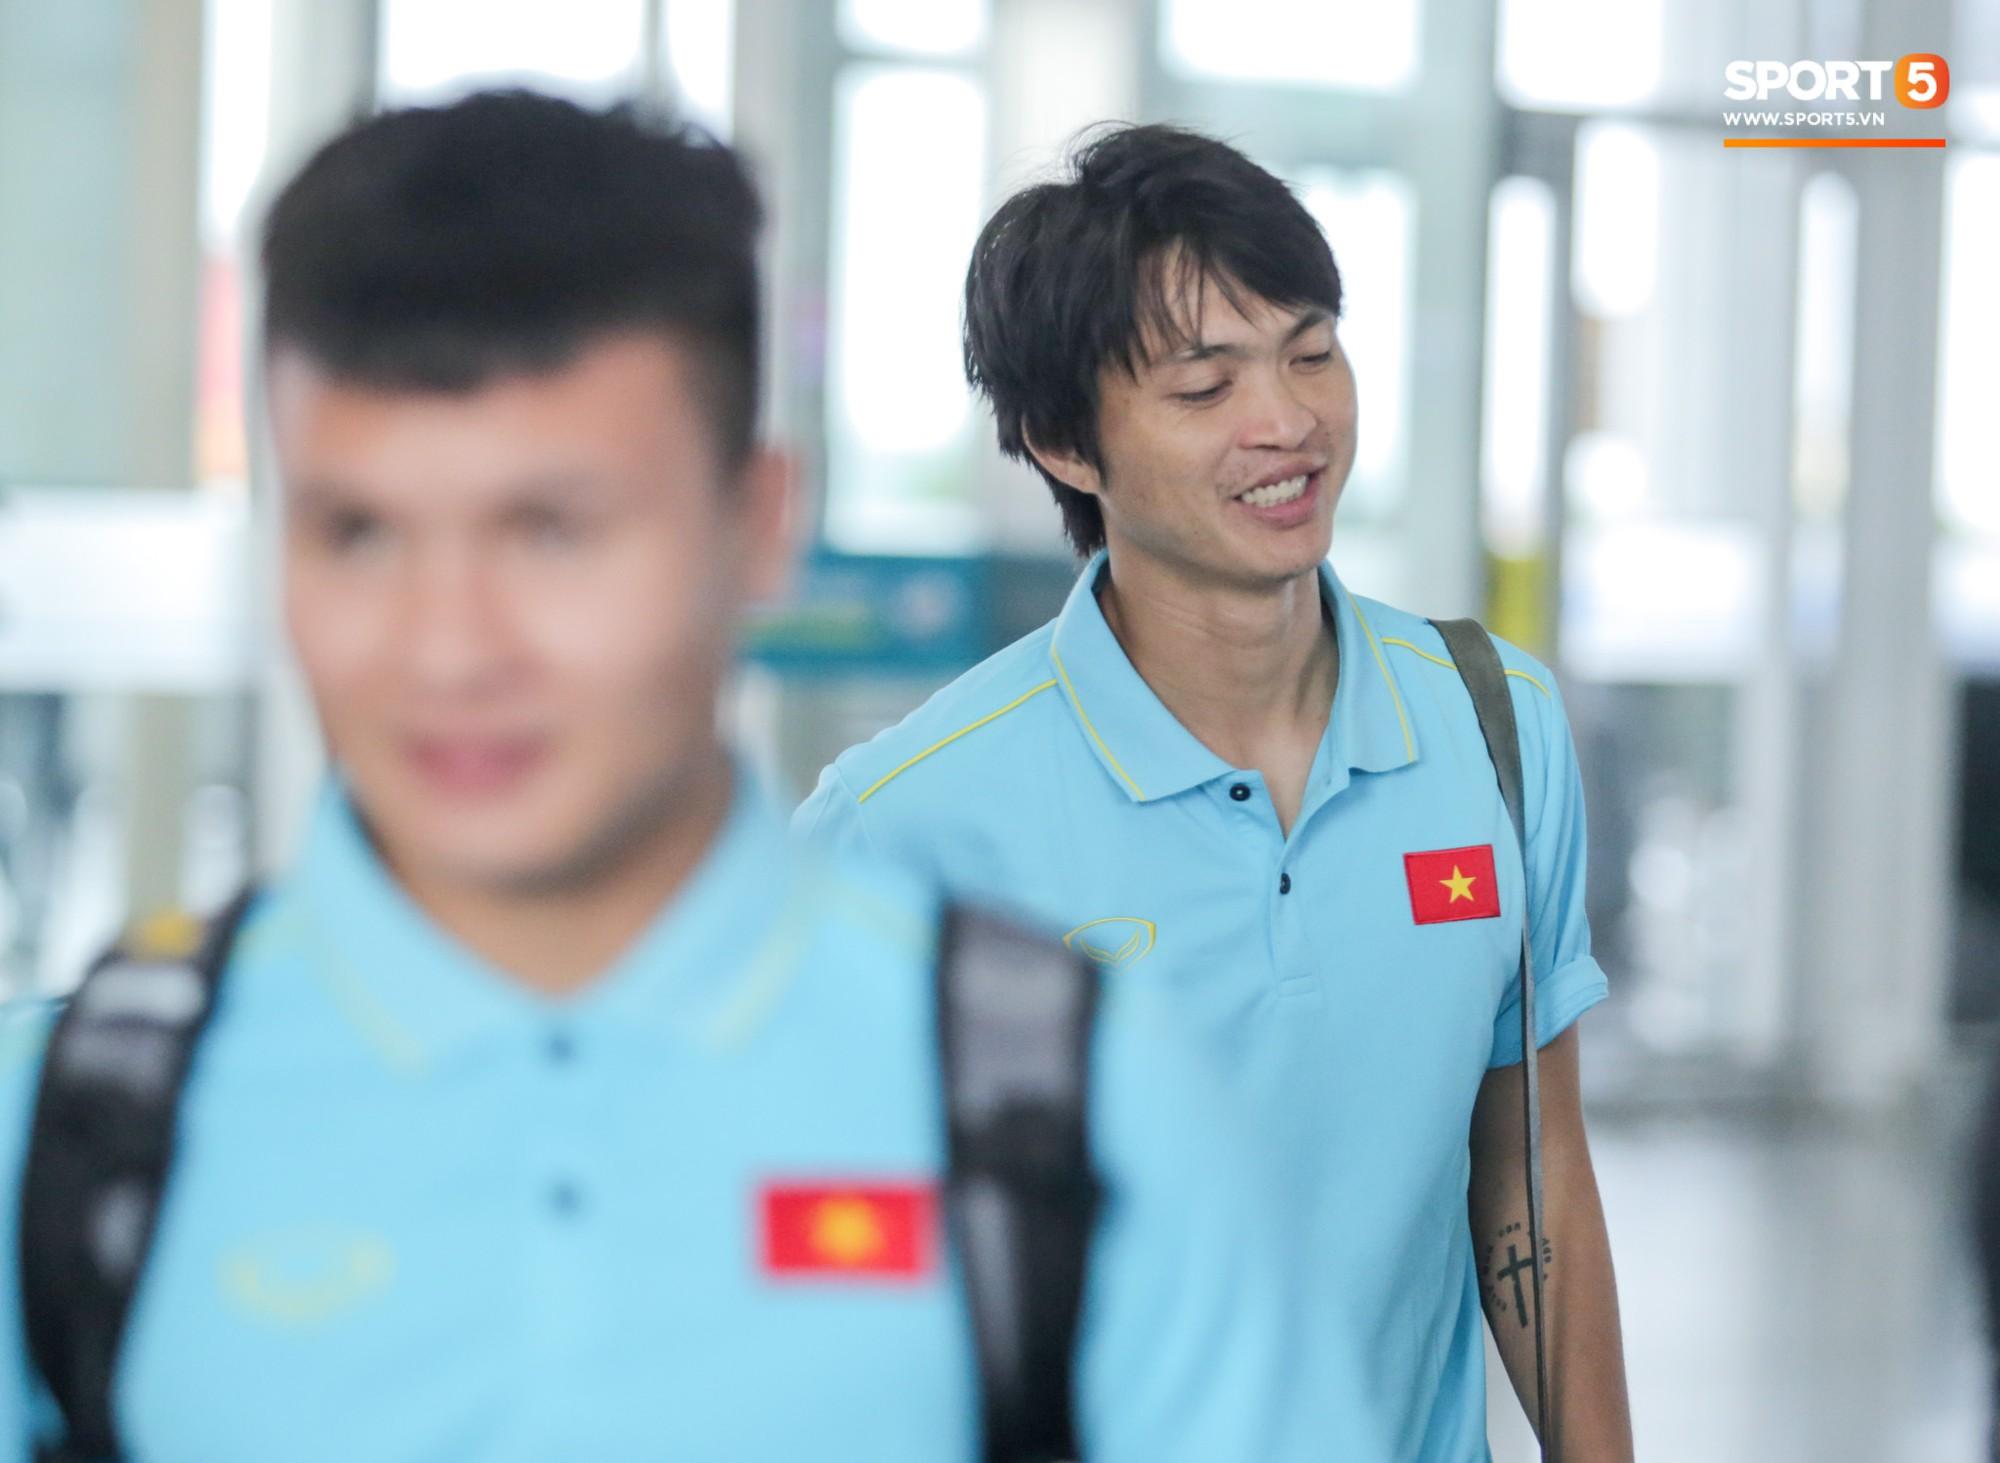 Tuyển thủ Việt Nam ngái ngủ, tóc rối bù vì phải dậy sớm ra sân bay sang Thái Lan - Ảnh 4.